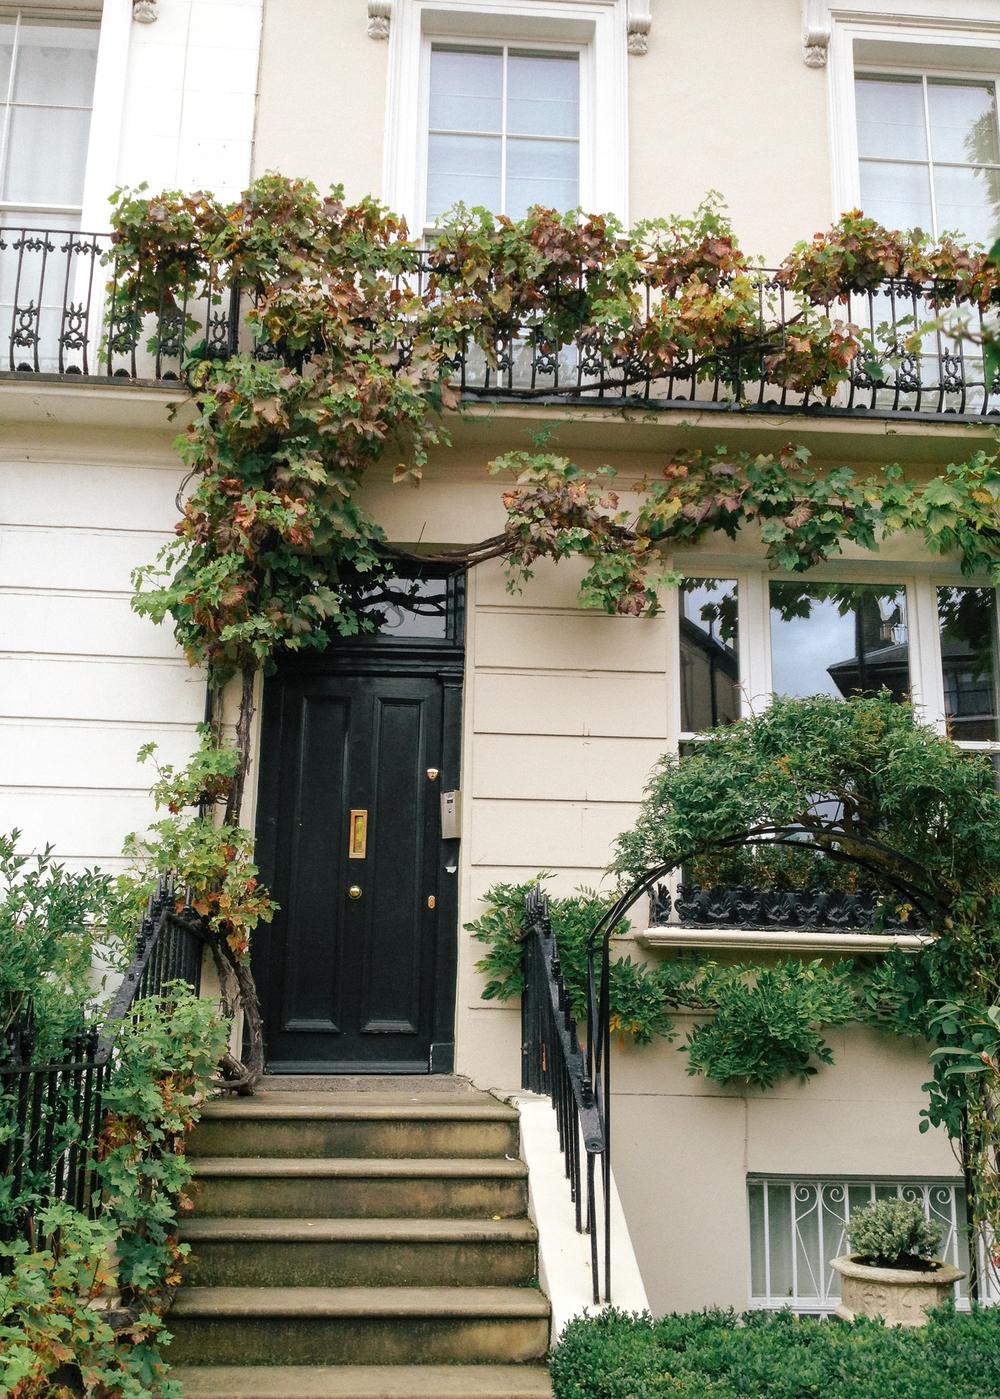 london_wildvine-5743.jpg